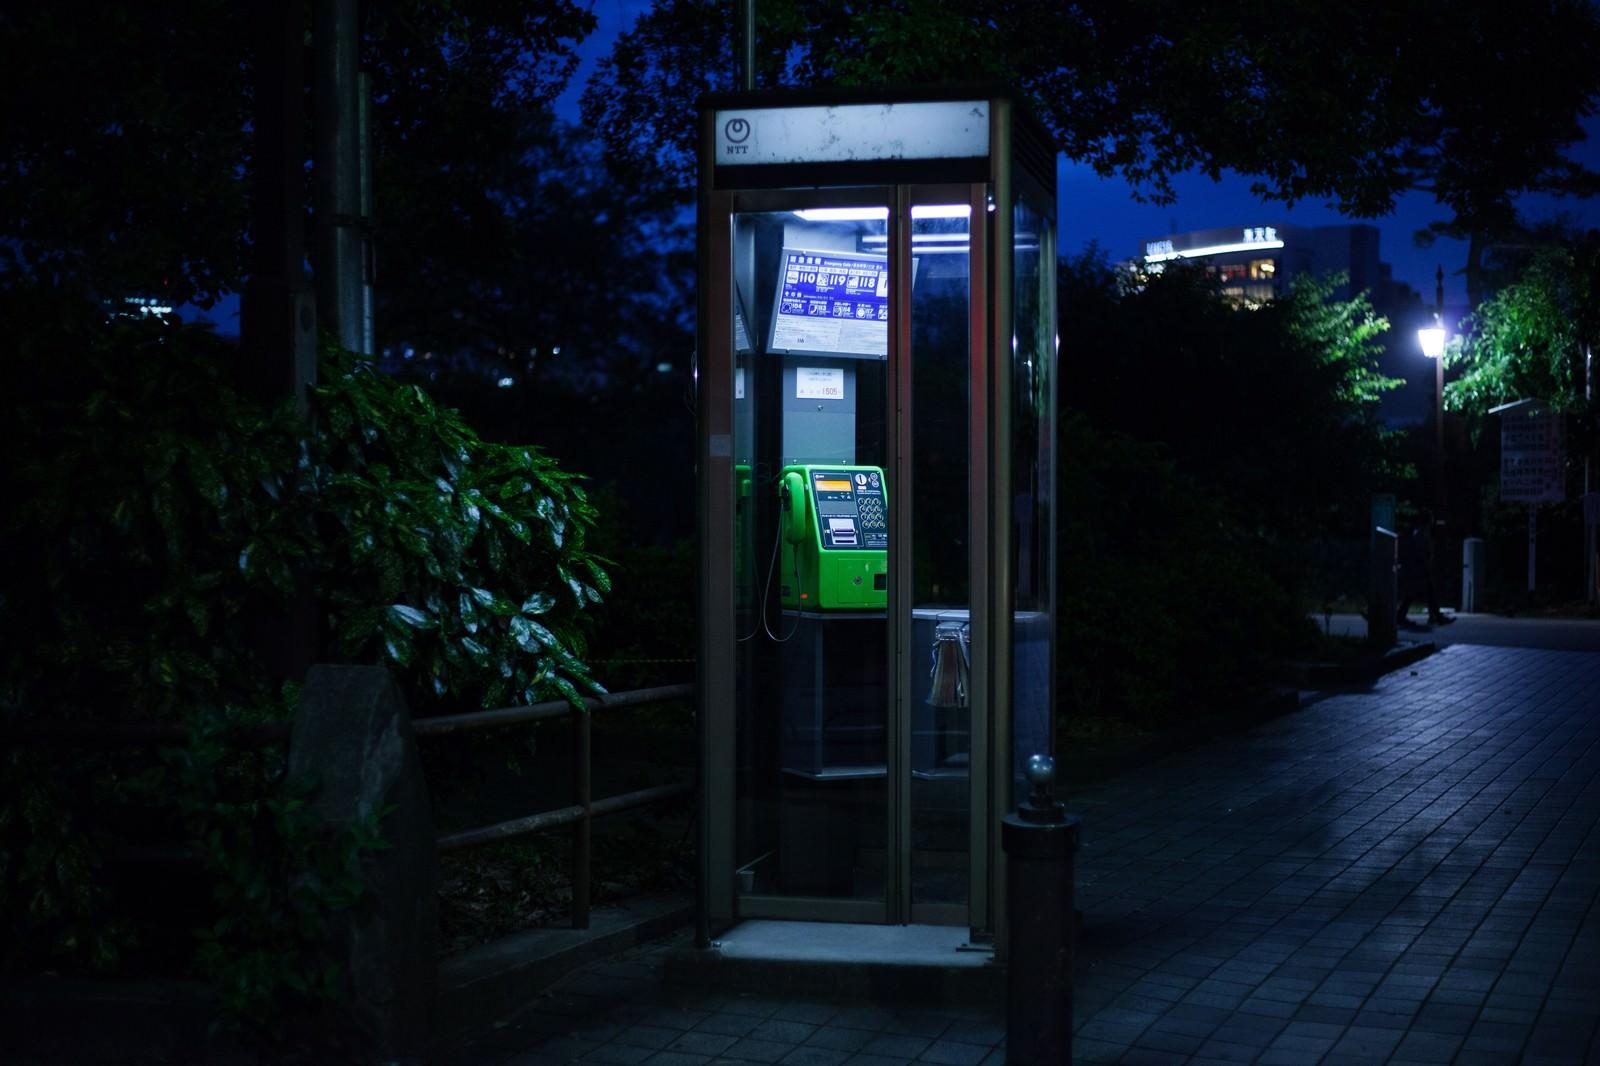 「怪談に出てきそうな公衆電話怪談に出てきそうな公衆電話」のフリー写真素材を拡大